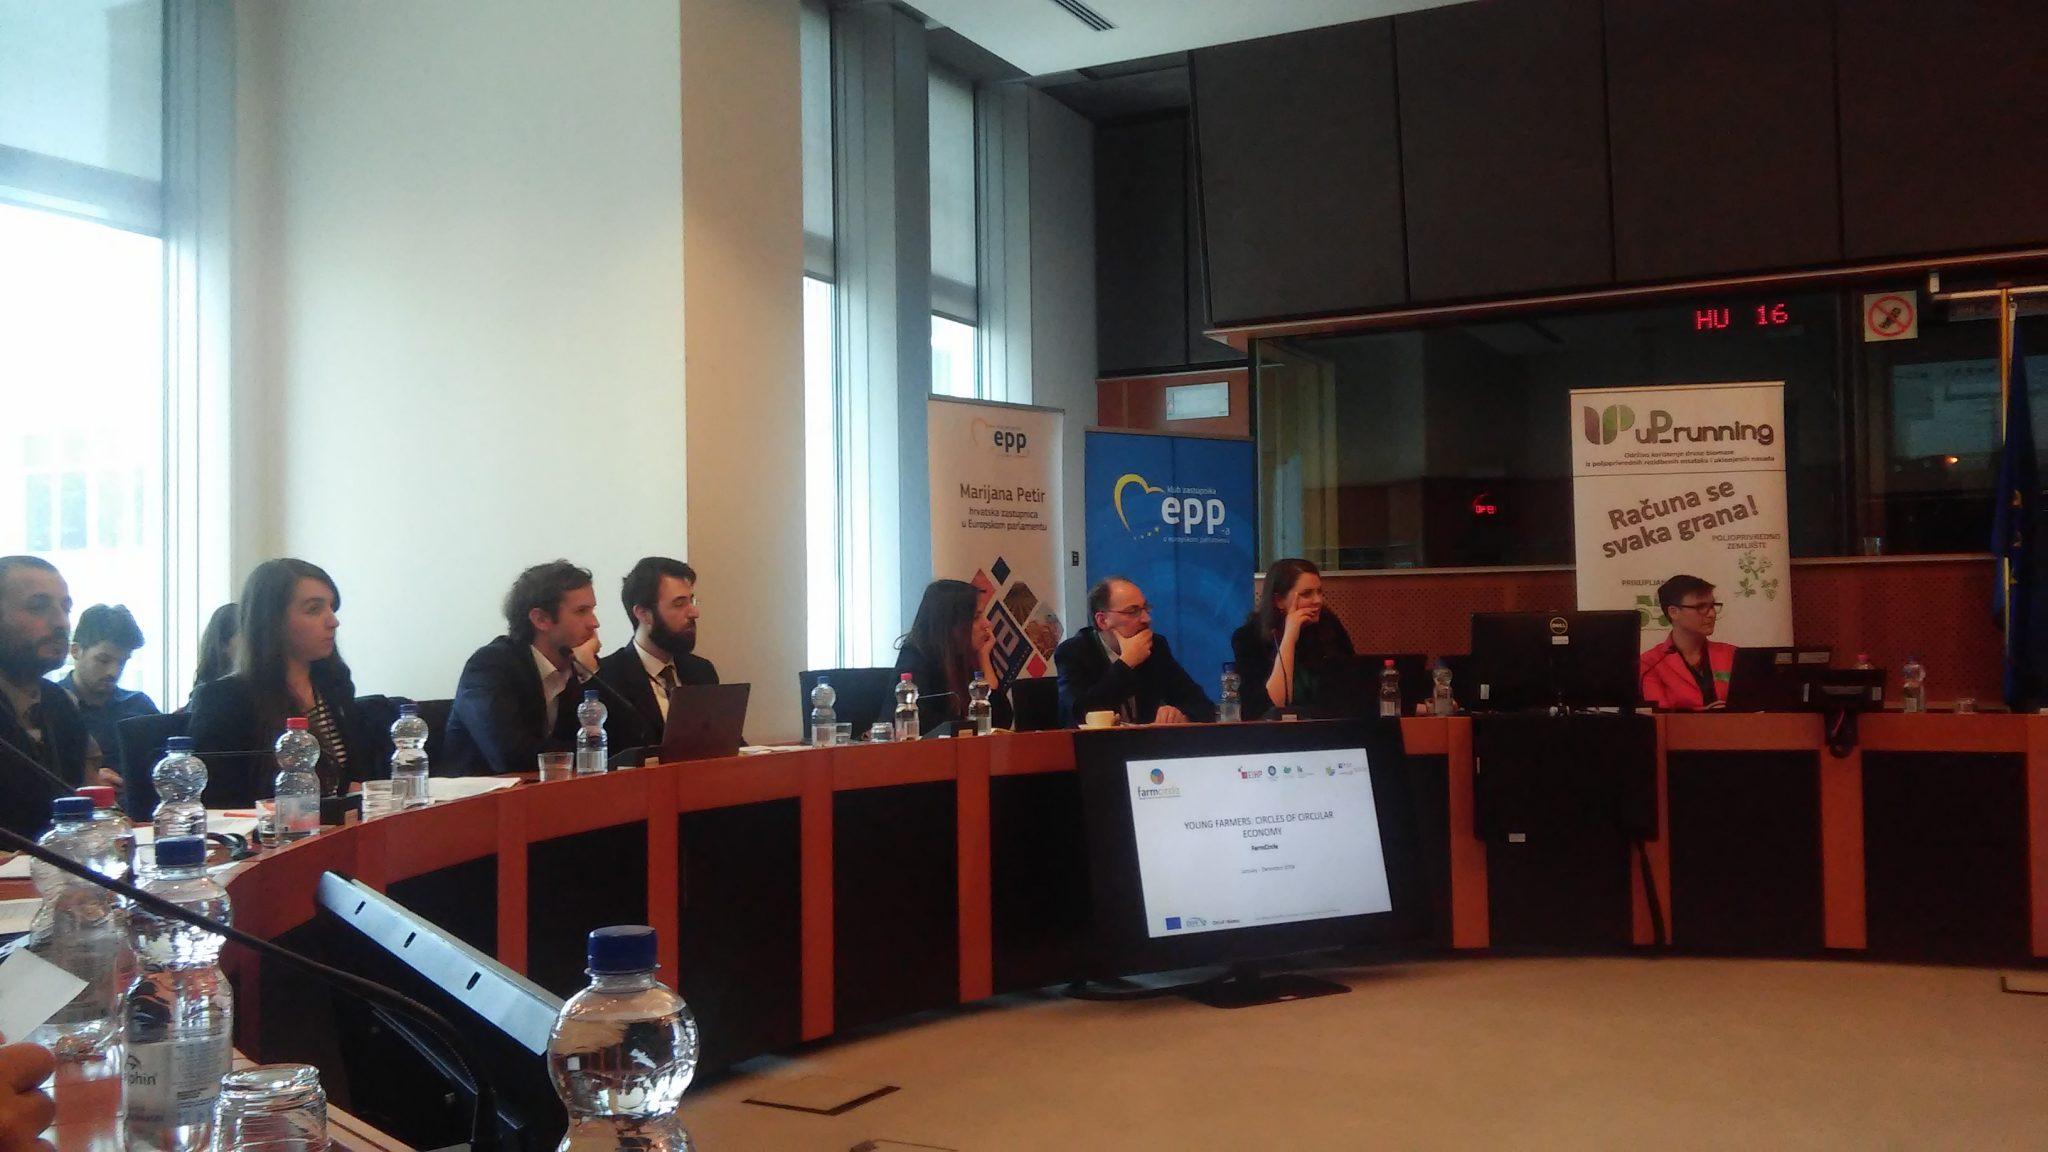 Održana uP_running radionica u Europskom parlamentu